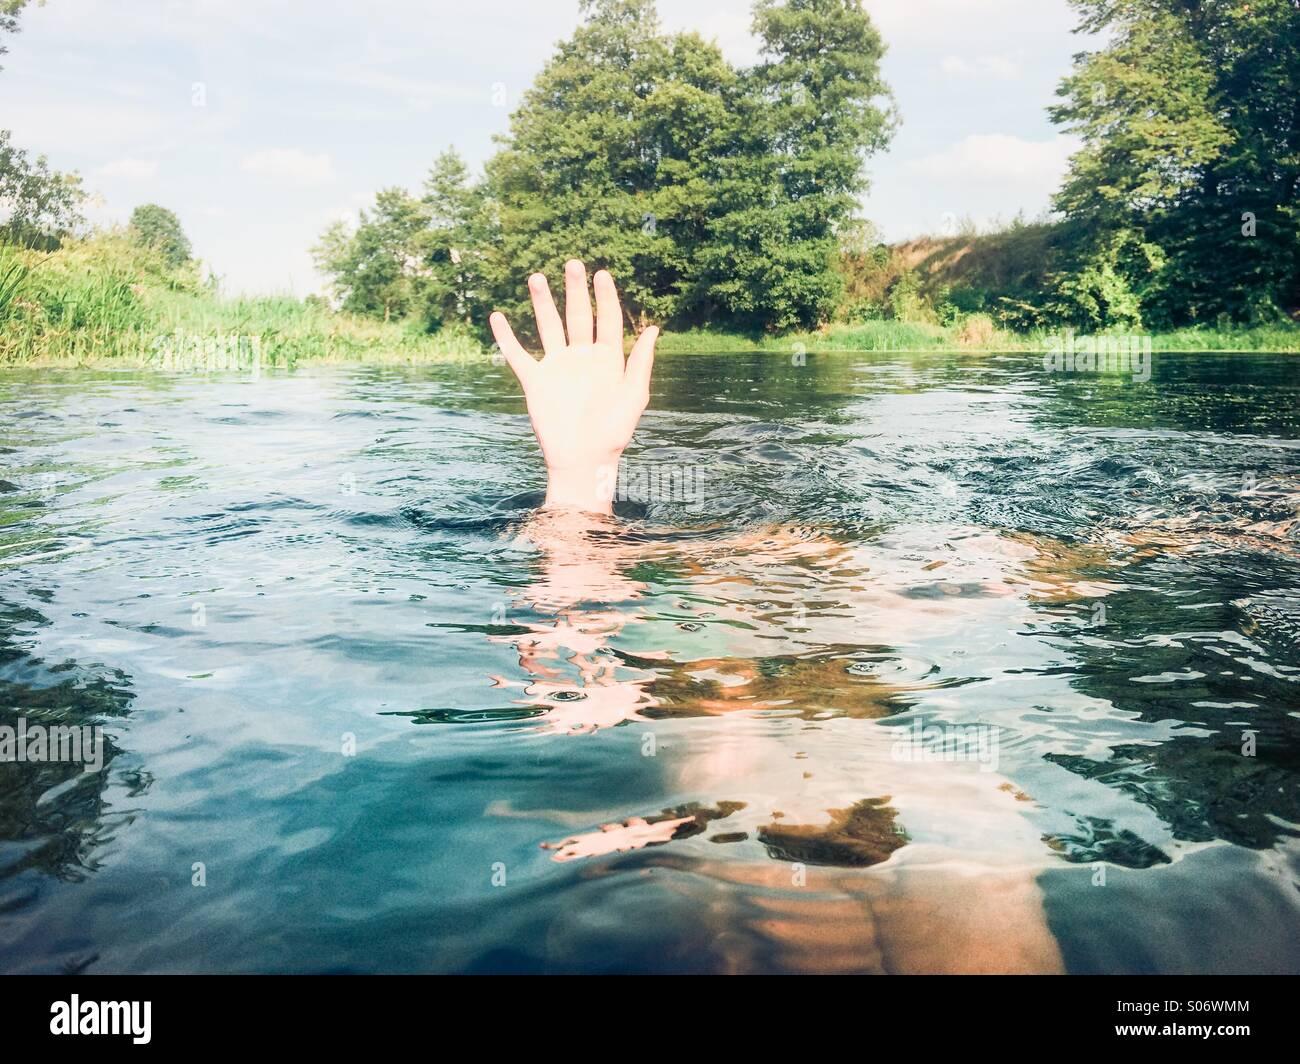 Junge in einem reinen Fluss hält seine Hand über dem Wasser untergetaucht Stockfoto